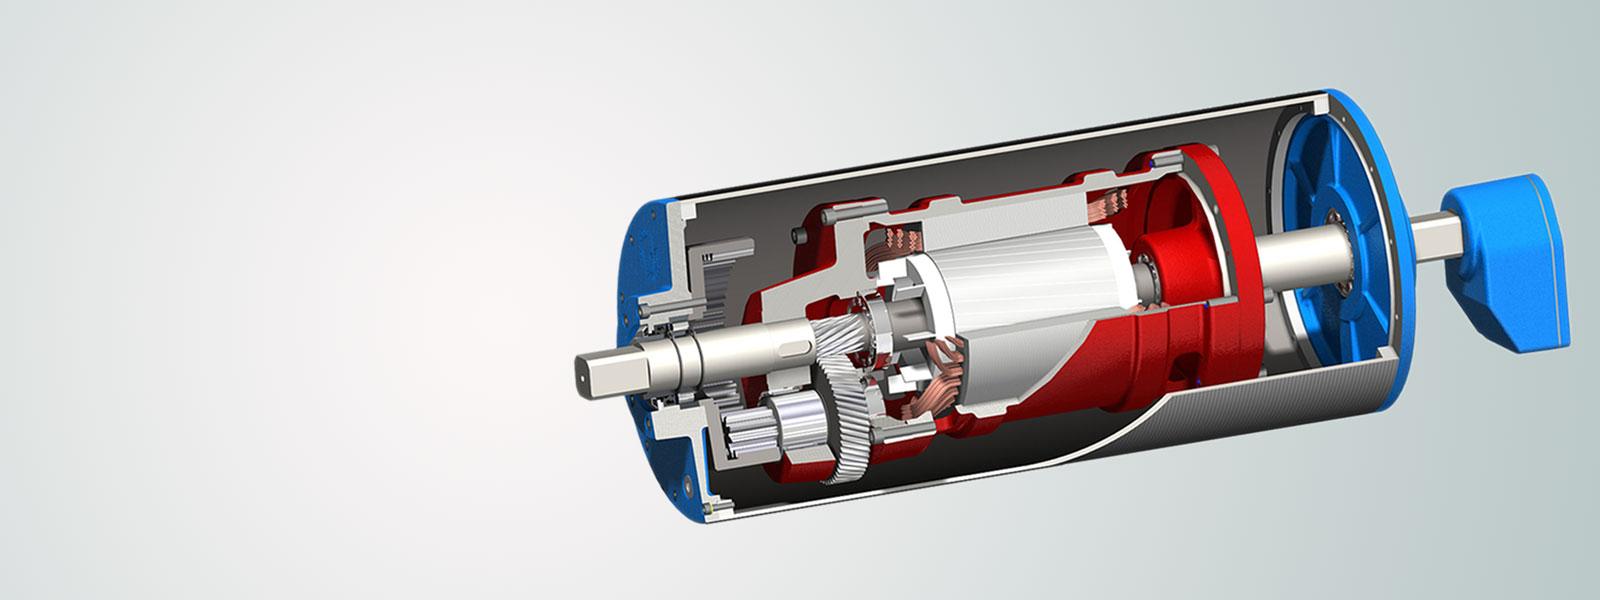 bantmotor tambur motor